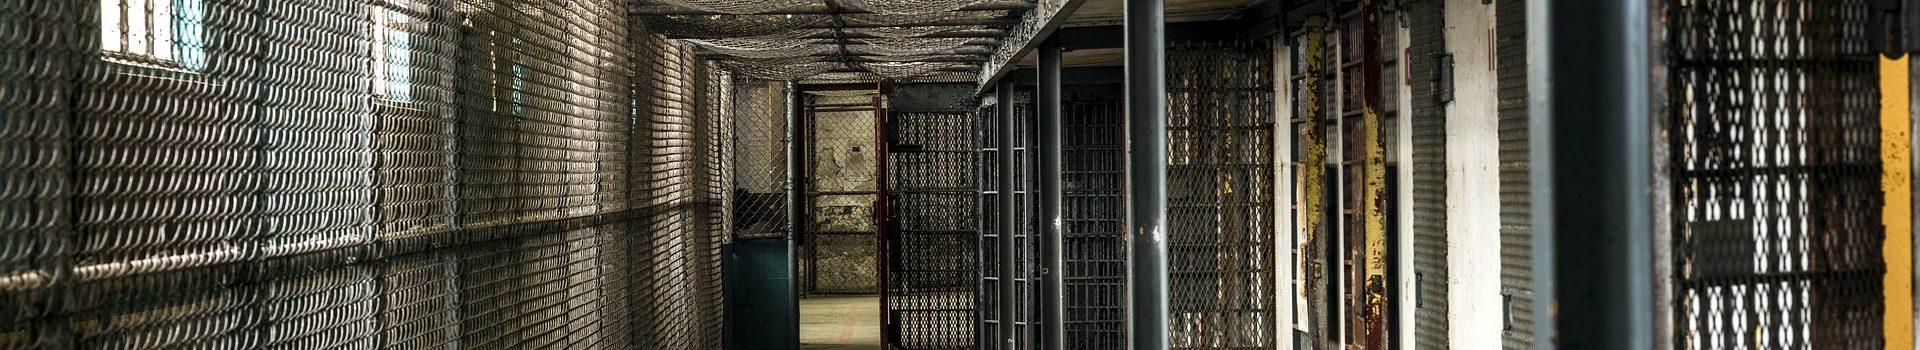 prison-1652896_1920